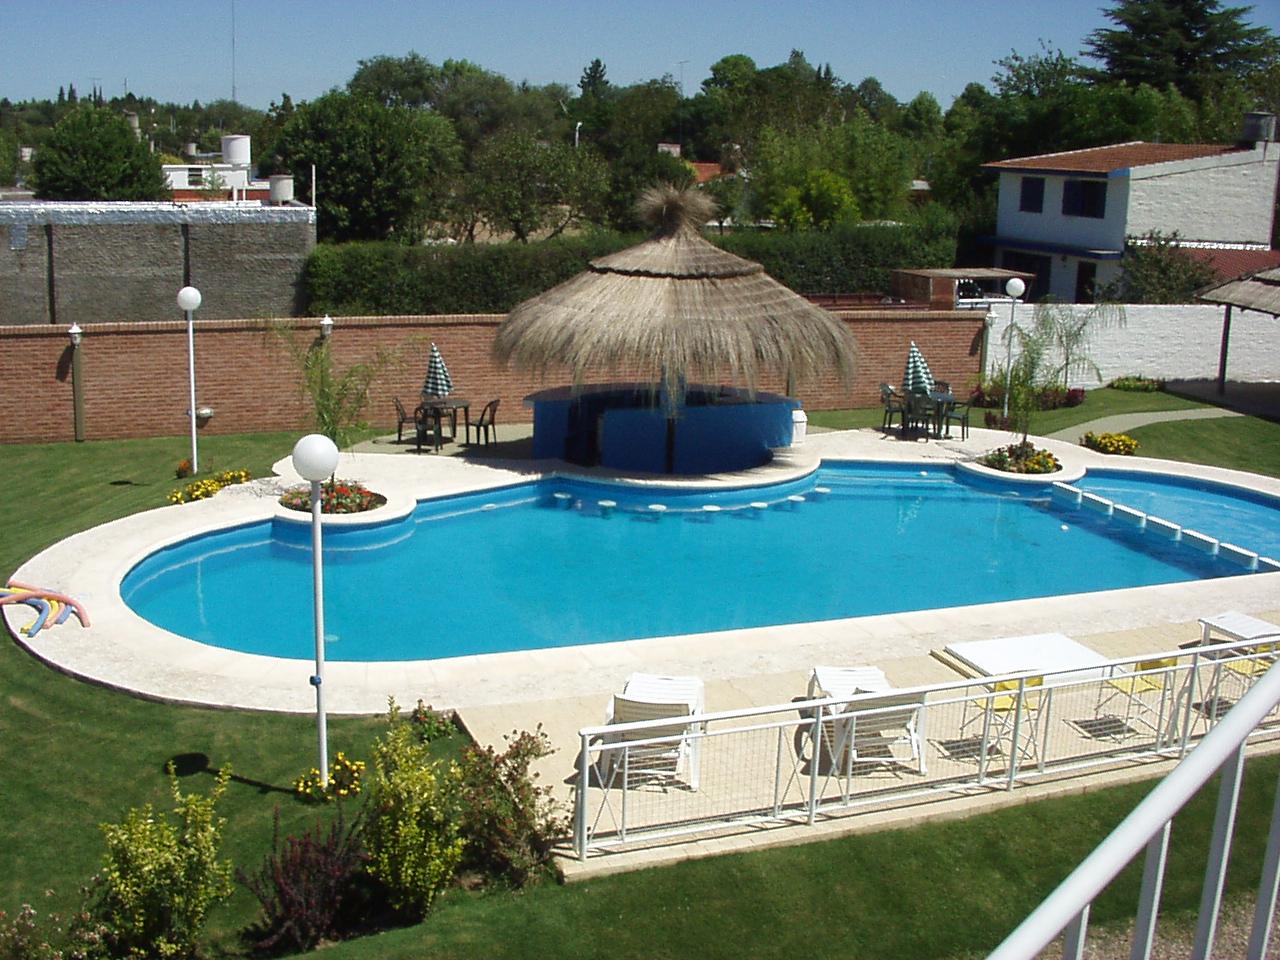 Dise os de piscinas con bar casa dise o for Diseno piscina